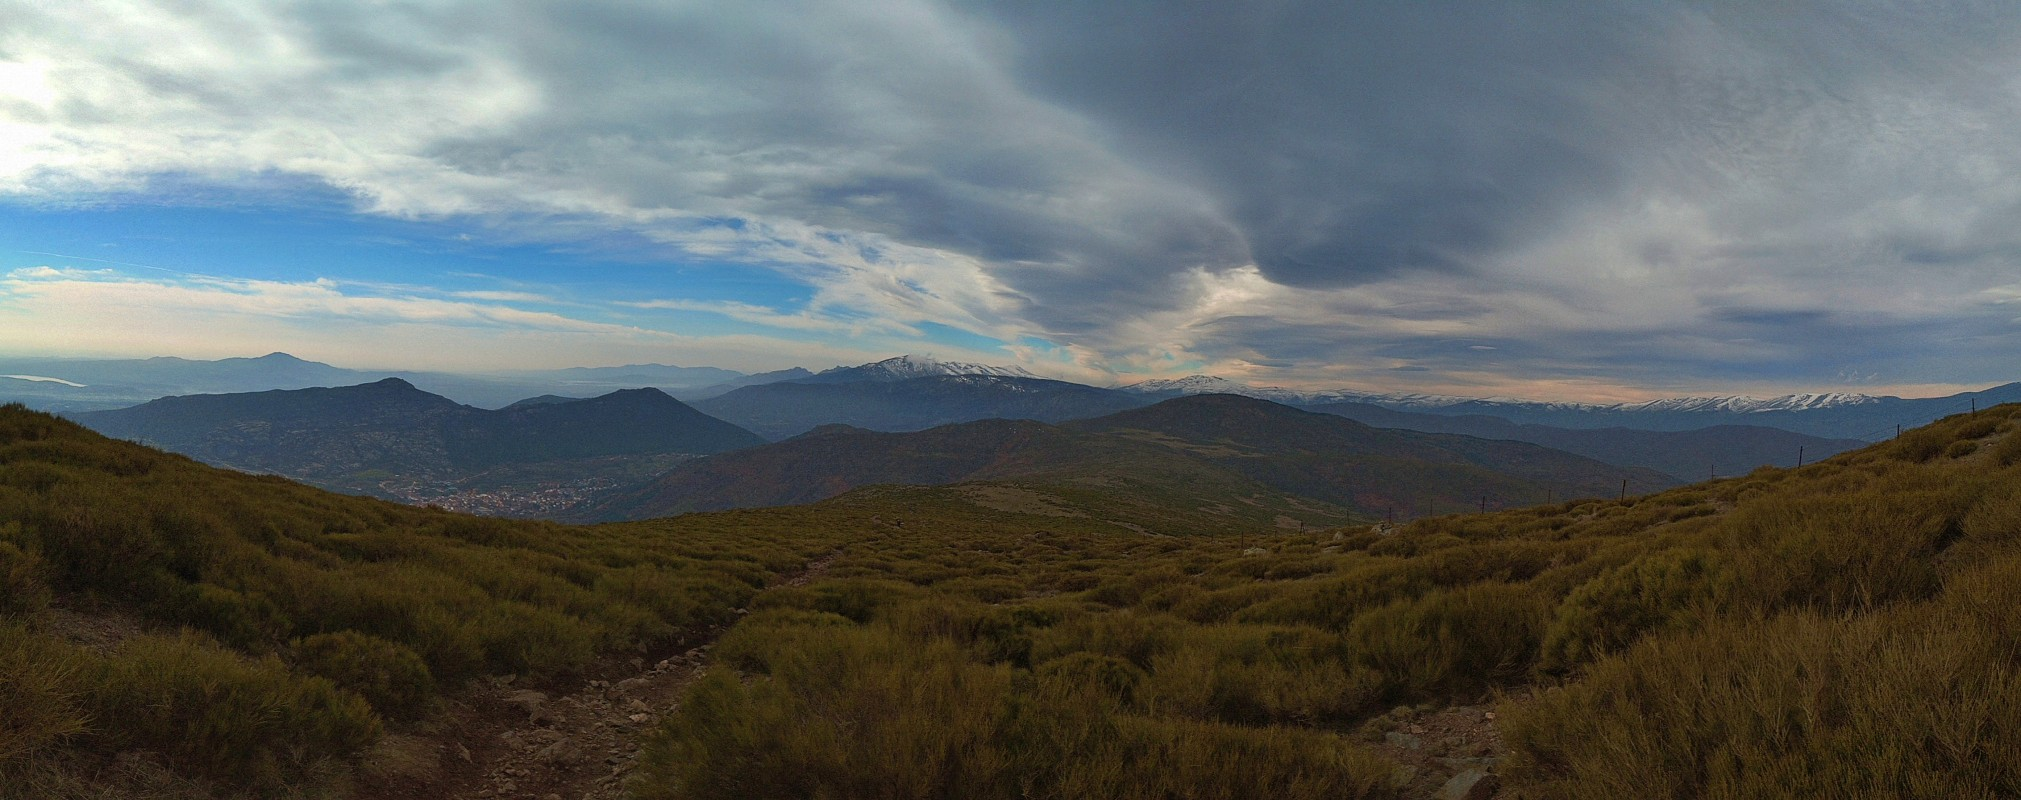 Mina de plata de Bustarviejo y cima del Mondalindo - Vistas de Sierra de Guadarrama